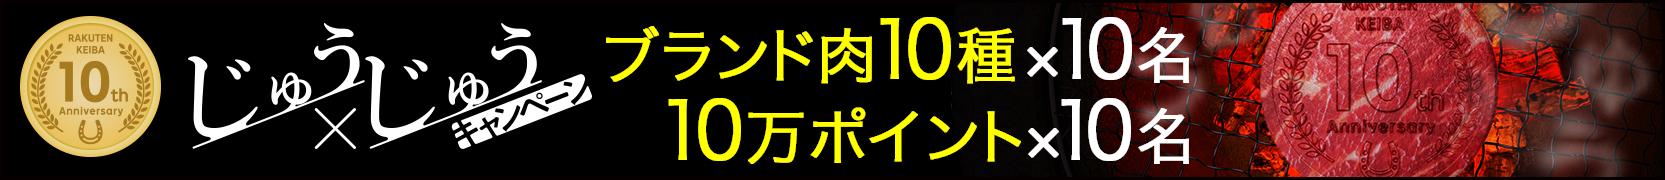 楽天競馬10周年記念 第2弾じゅうじゅうキャンペーン